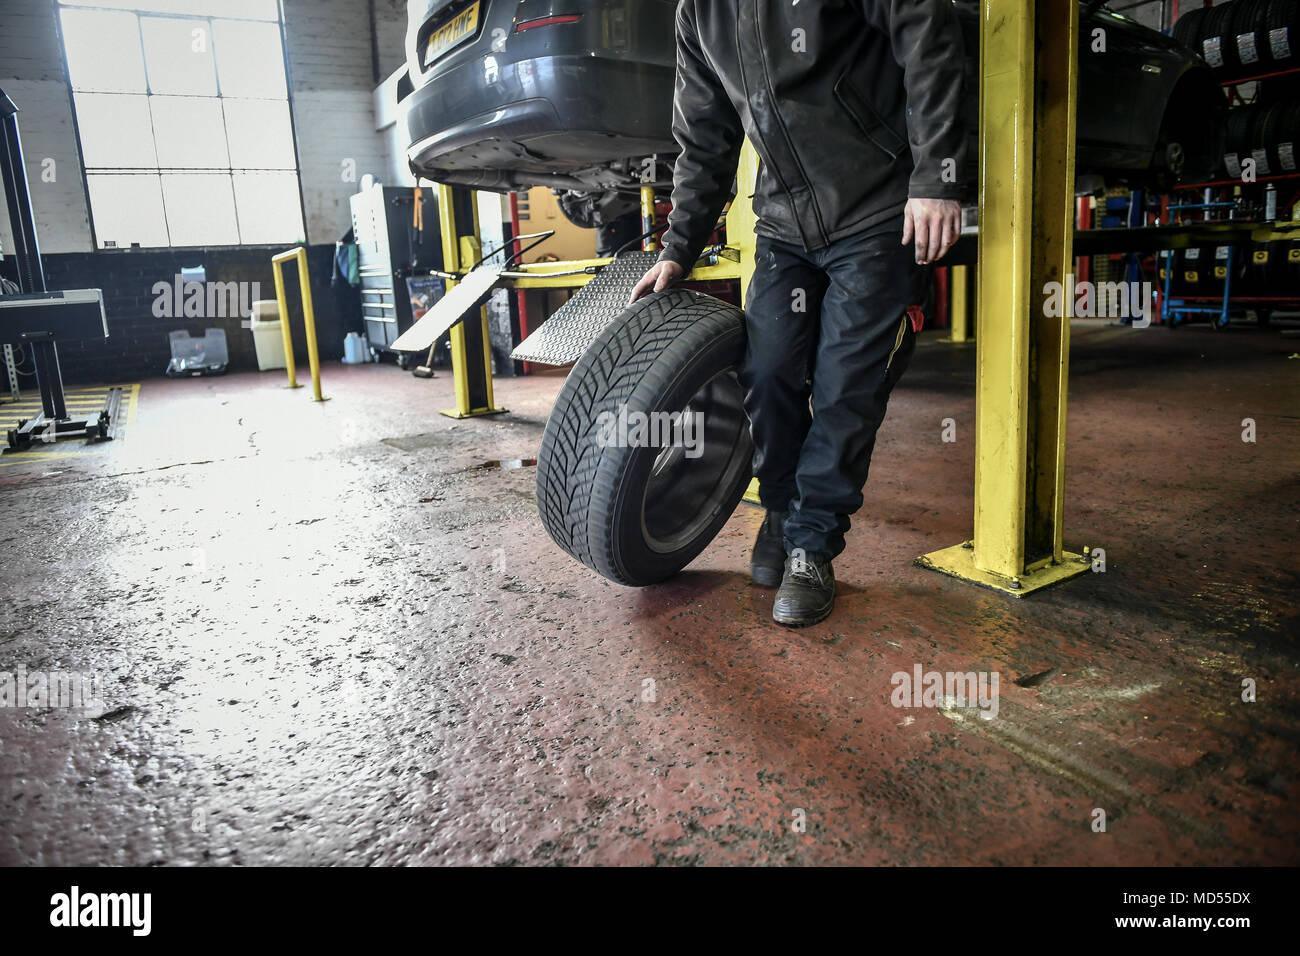 Ein Mechaniker Ein Auto Rollt Der Reifen Auf Dem Boden Der Garage